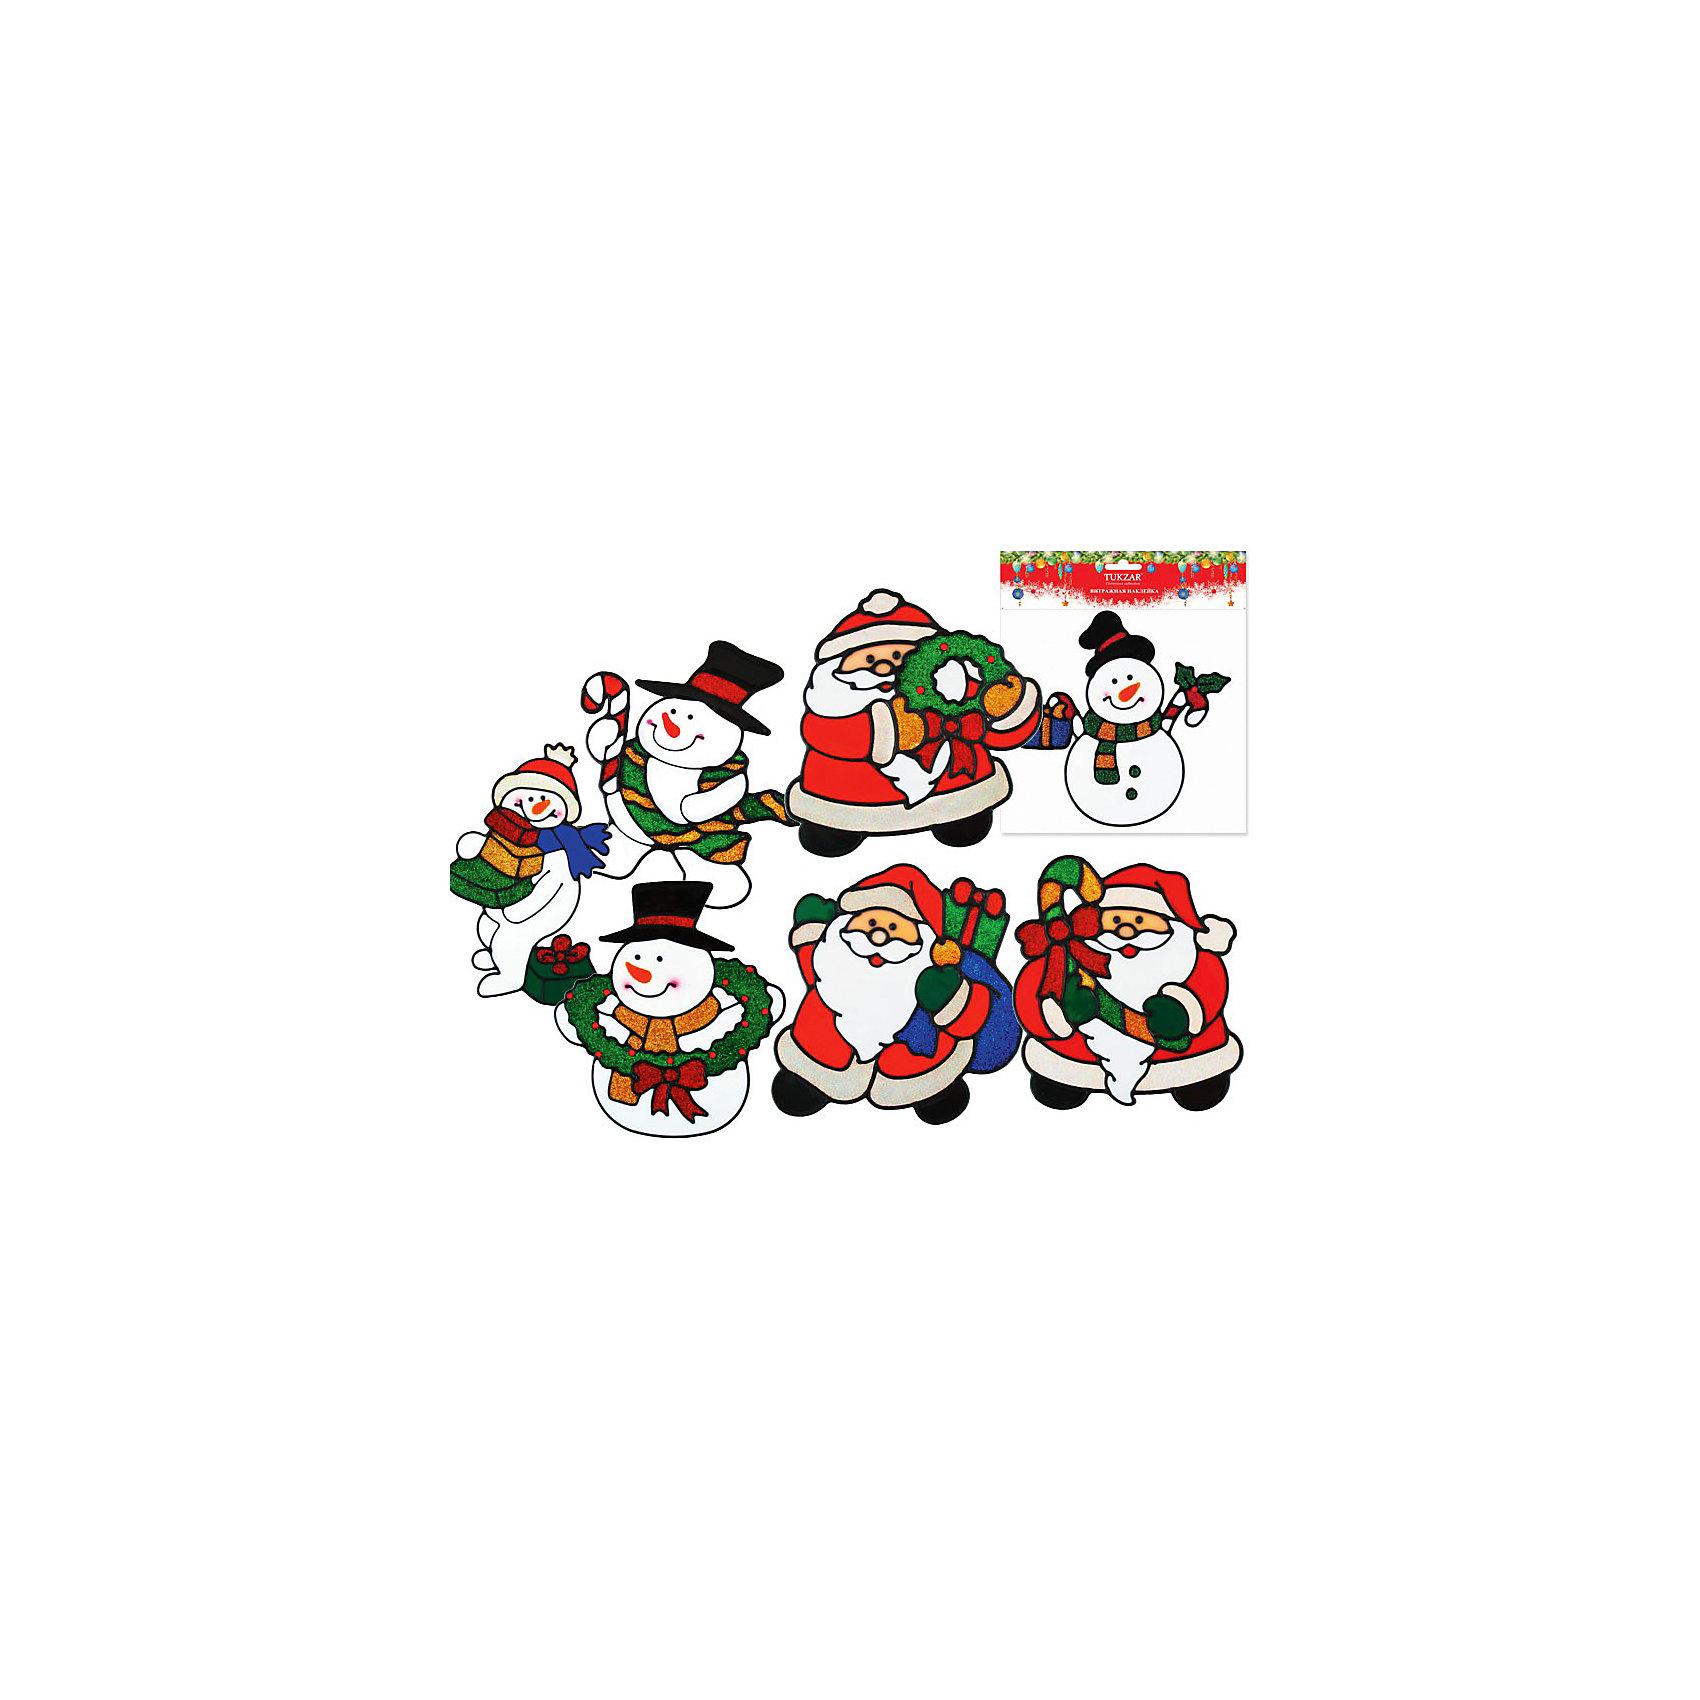 Витражная наклейка новогодняя, 20х20 см, 8 видов, TUKZARВитражная новогодняя наклейка, Tukzar (Тукзар) замечательно украсит Ваш интерьер и создаст  праздничное новогоднее настроение. 8 видов ассорти с различными изображениями Деда Мороза и снеговиков.<br><br>Дополнительная информация:<br><br>- Размер: 20 х 20 см.<br>- Вес: 26 гр. <br><br>Витражную наклейку новогоднюю, Tukzar (Тукзар) можно купить в нашем интернет-магазине.<br><br>ВНИМАНИЕ! Данный артикул имеется в наличии в разных вариантах исполнения. Заранее выбрать определенный вариант нельзя. При заказе нескольких наклеек возможно получение одинаковых.<br><br>Ширина мм: 200<br>Глубина мм: 200<br>Высота мм: 50<br>Вес г: 26<br>Возраст от месяцев: 36<br>Возраст до месяцев: 168<br>Пол: Унисекс<br>Возраст: Детский<br>SKU: 3875864